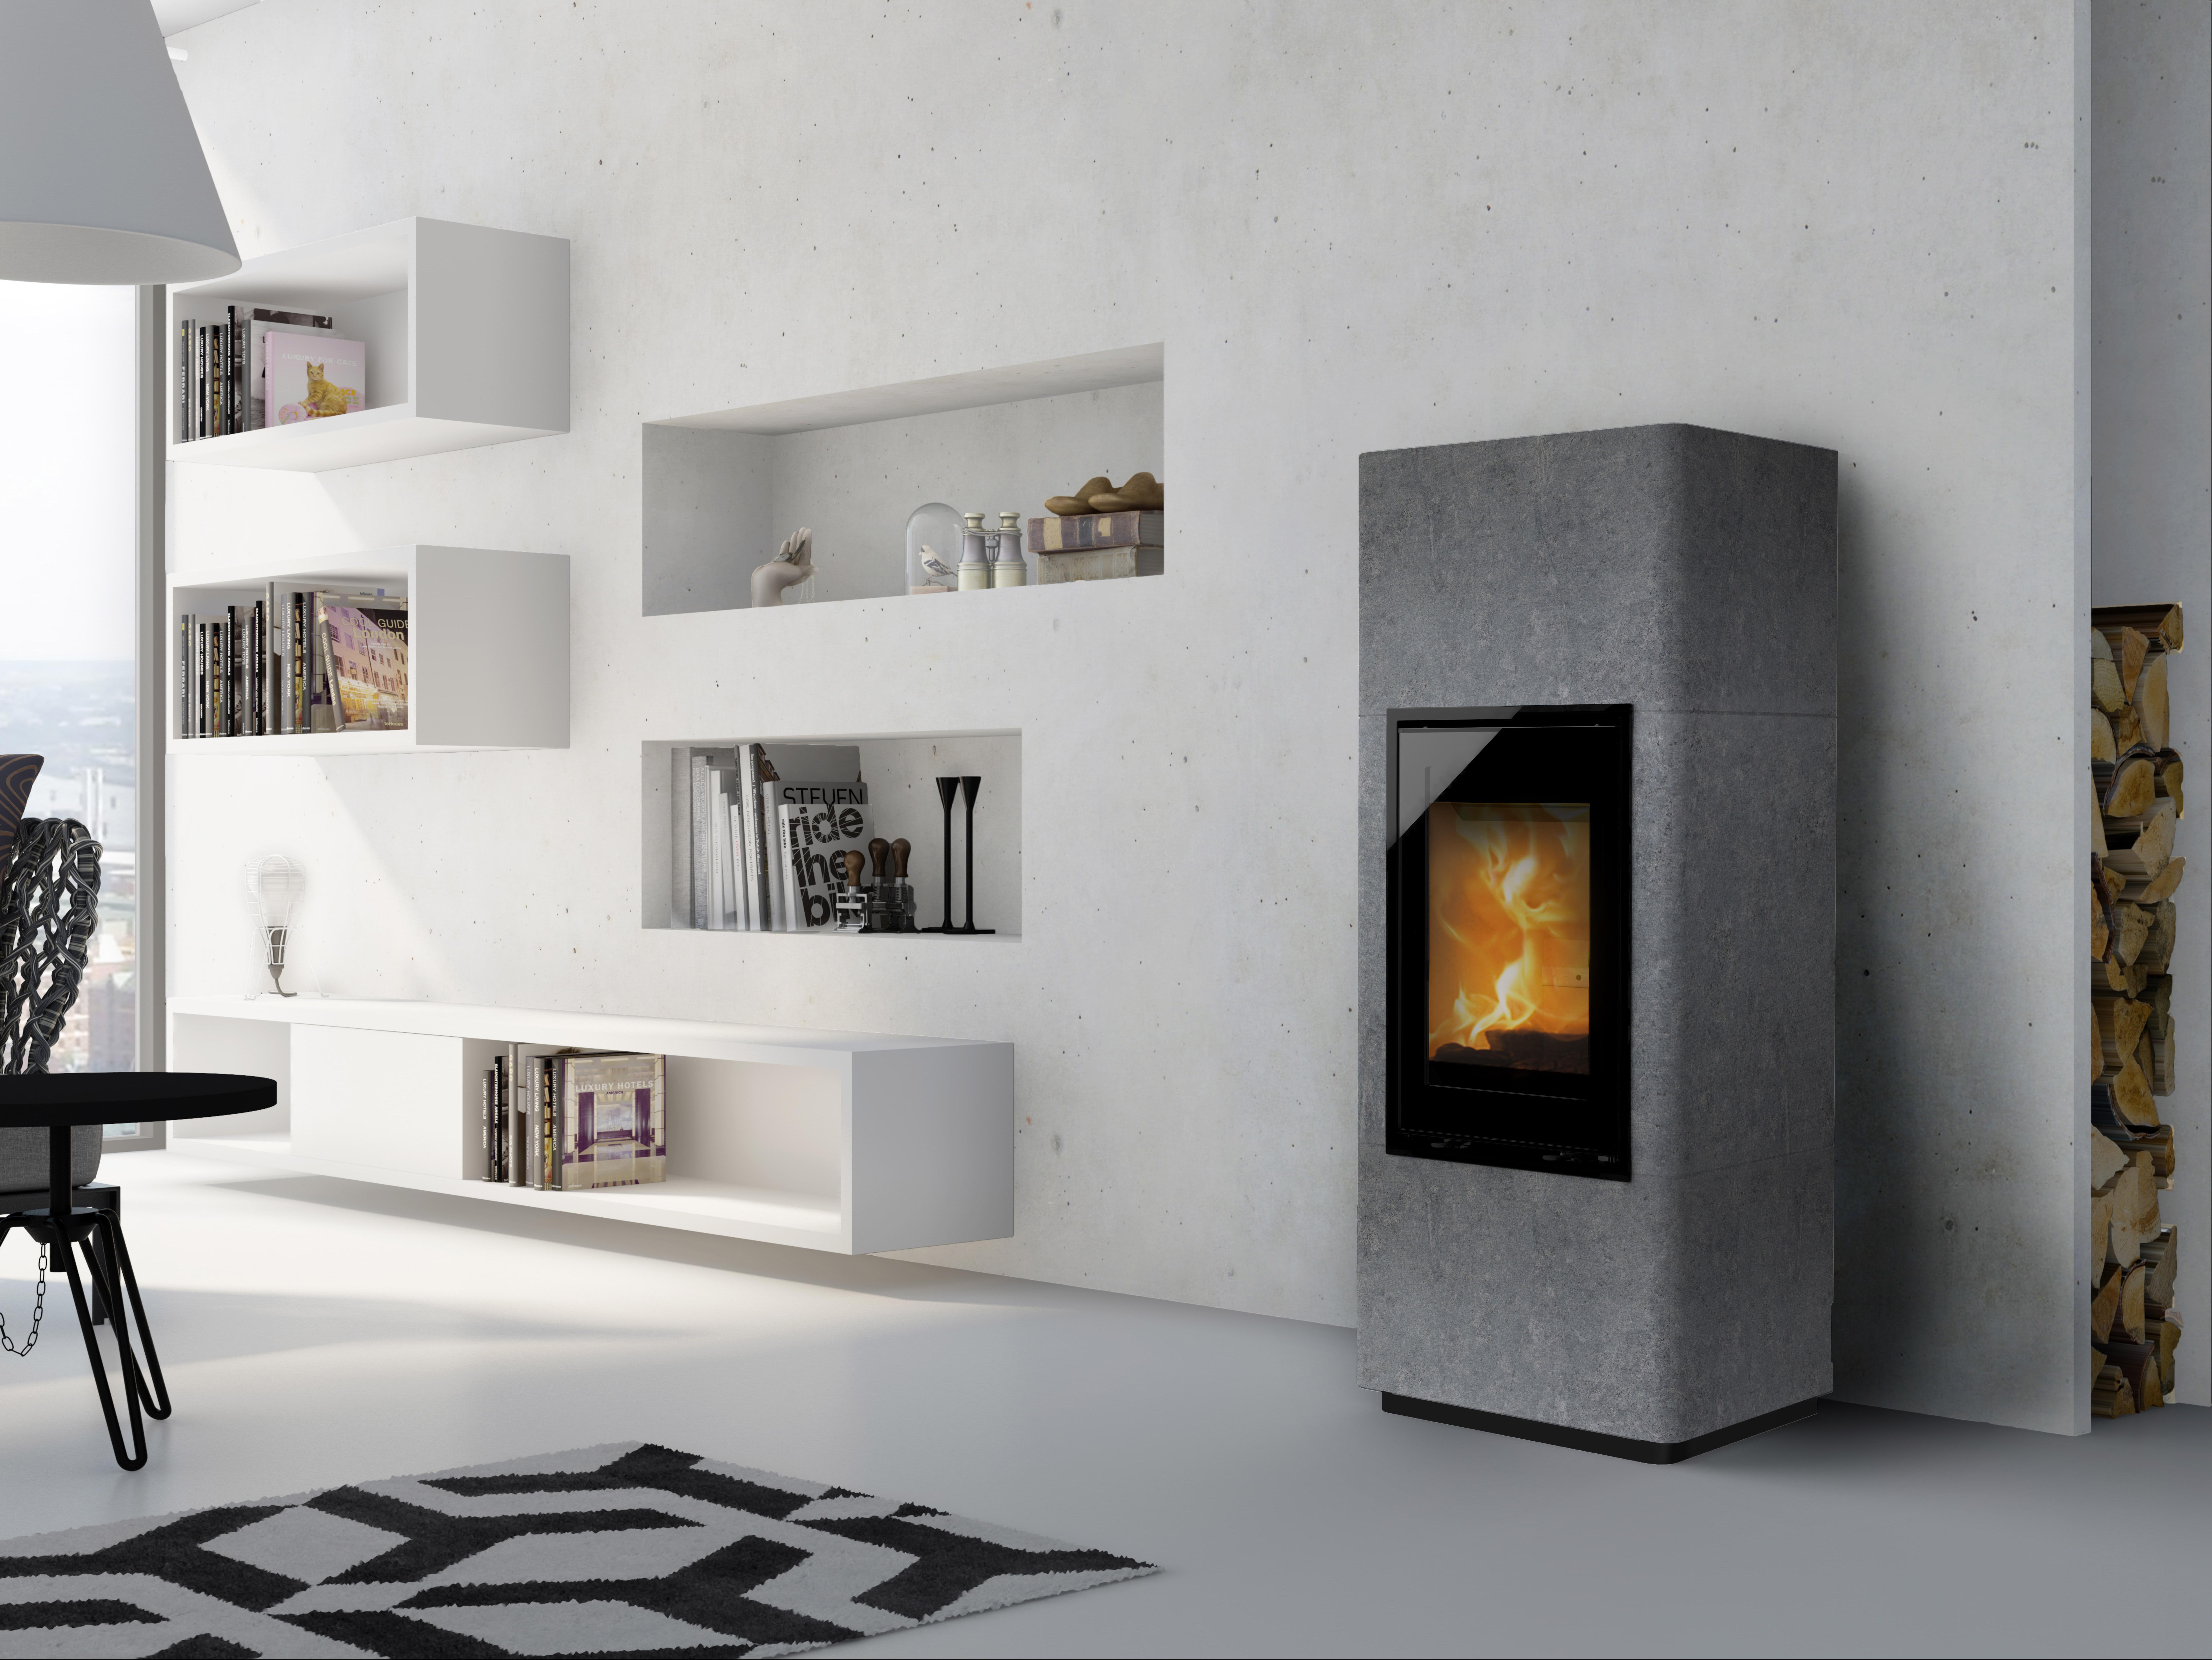 herzlich willkommen bei ofenhaus schleicher aus hausen ofenhaus schleicher das beste von. Black Bedroom Furniture Sets. Home Design Ideas